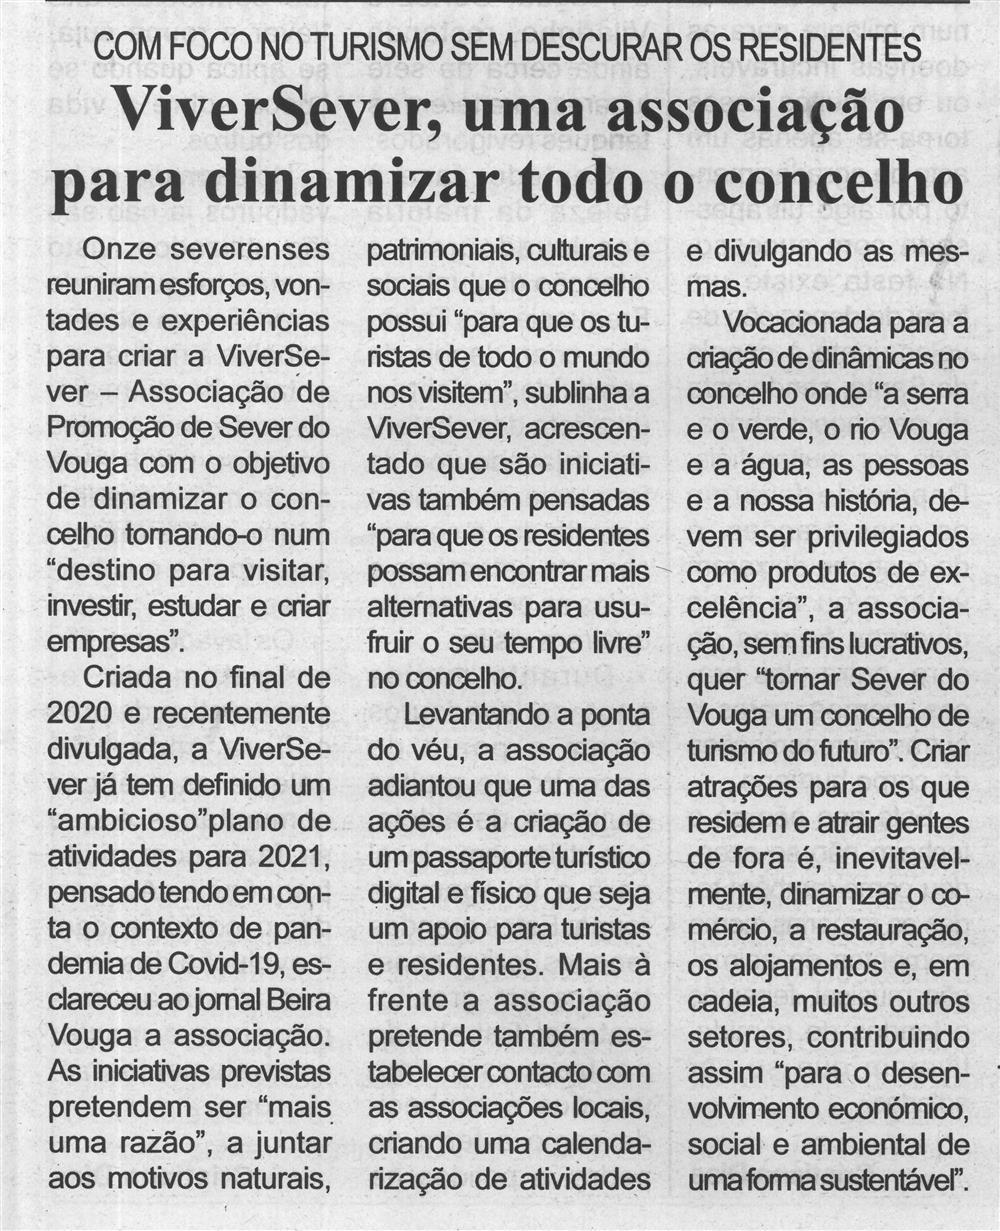 BV-1.ªmar.'21-p.3-ViverSever, uma associação para dinamizar todo o concelho : com foco no turismo sem descurar os residentes.jpg